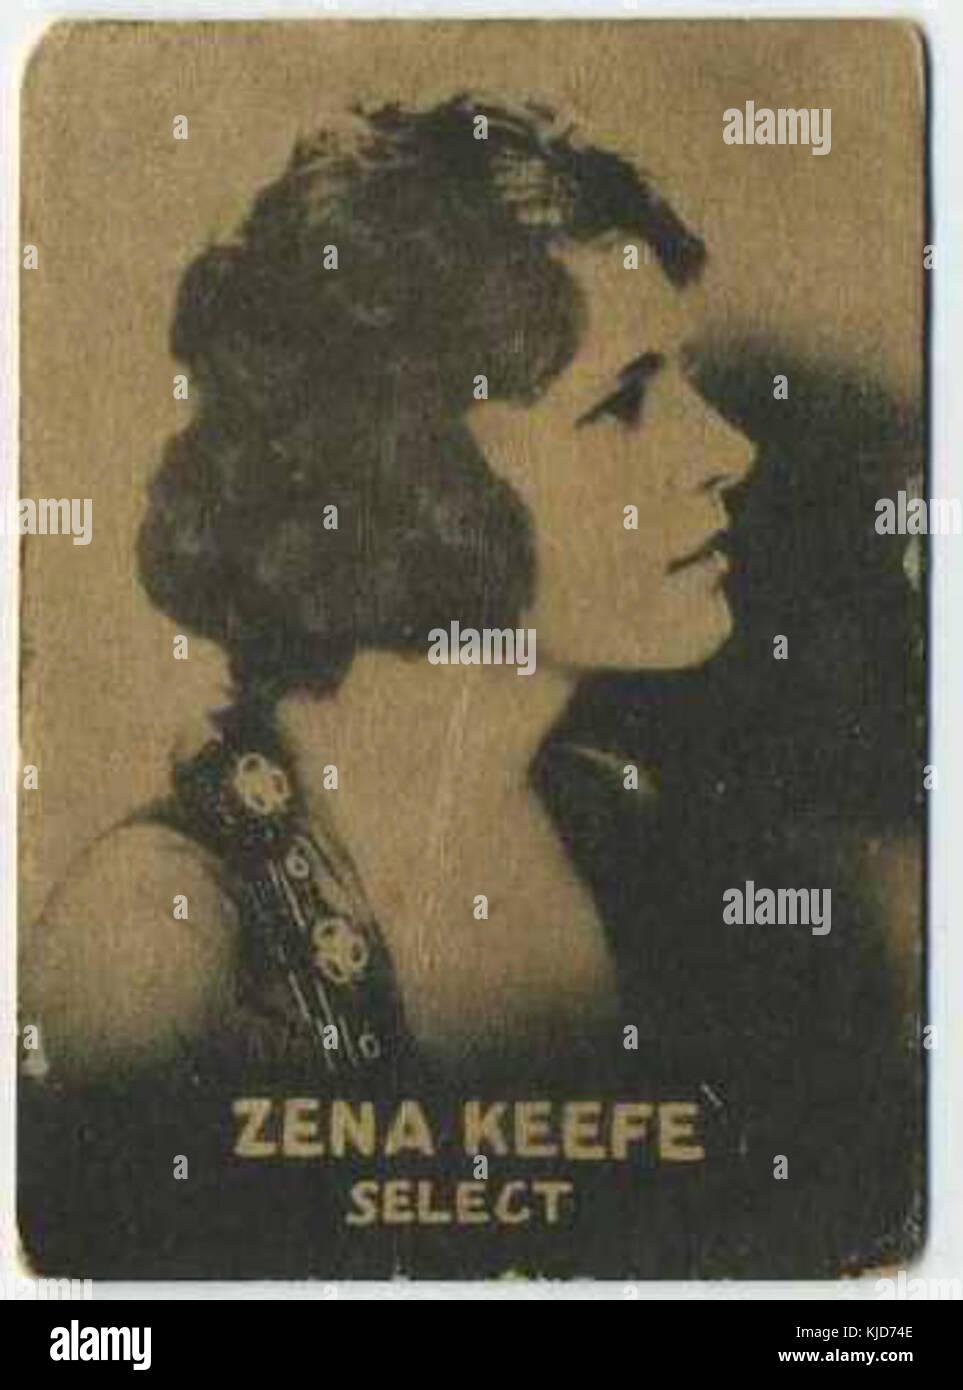 Zena Keefe Zena Keefe new pictures